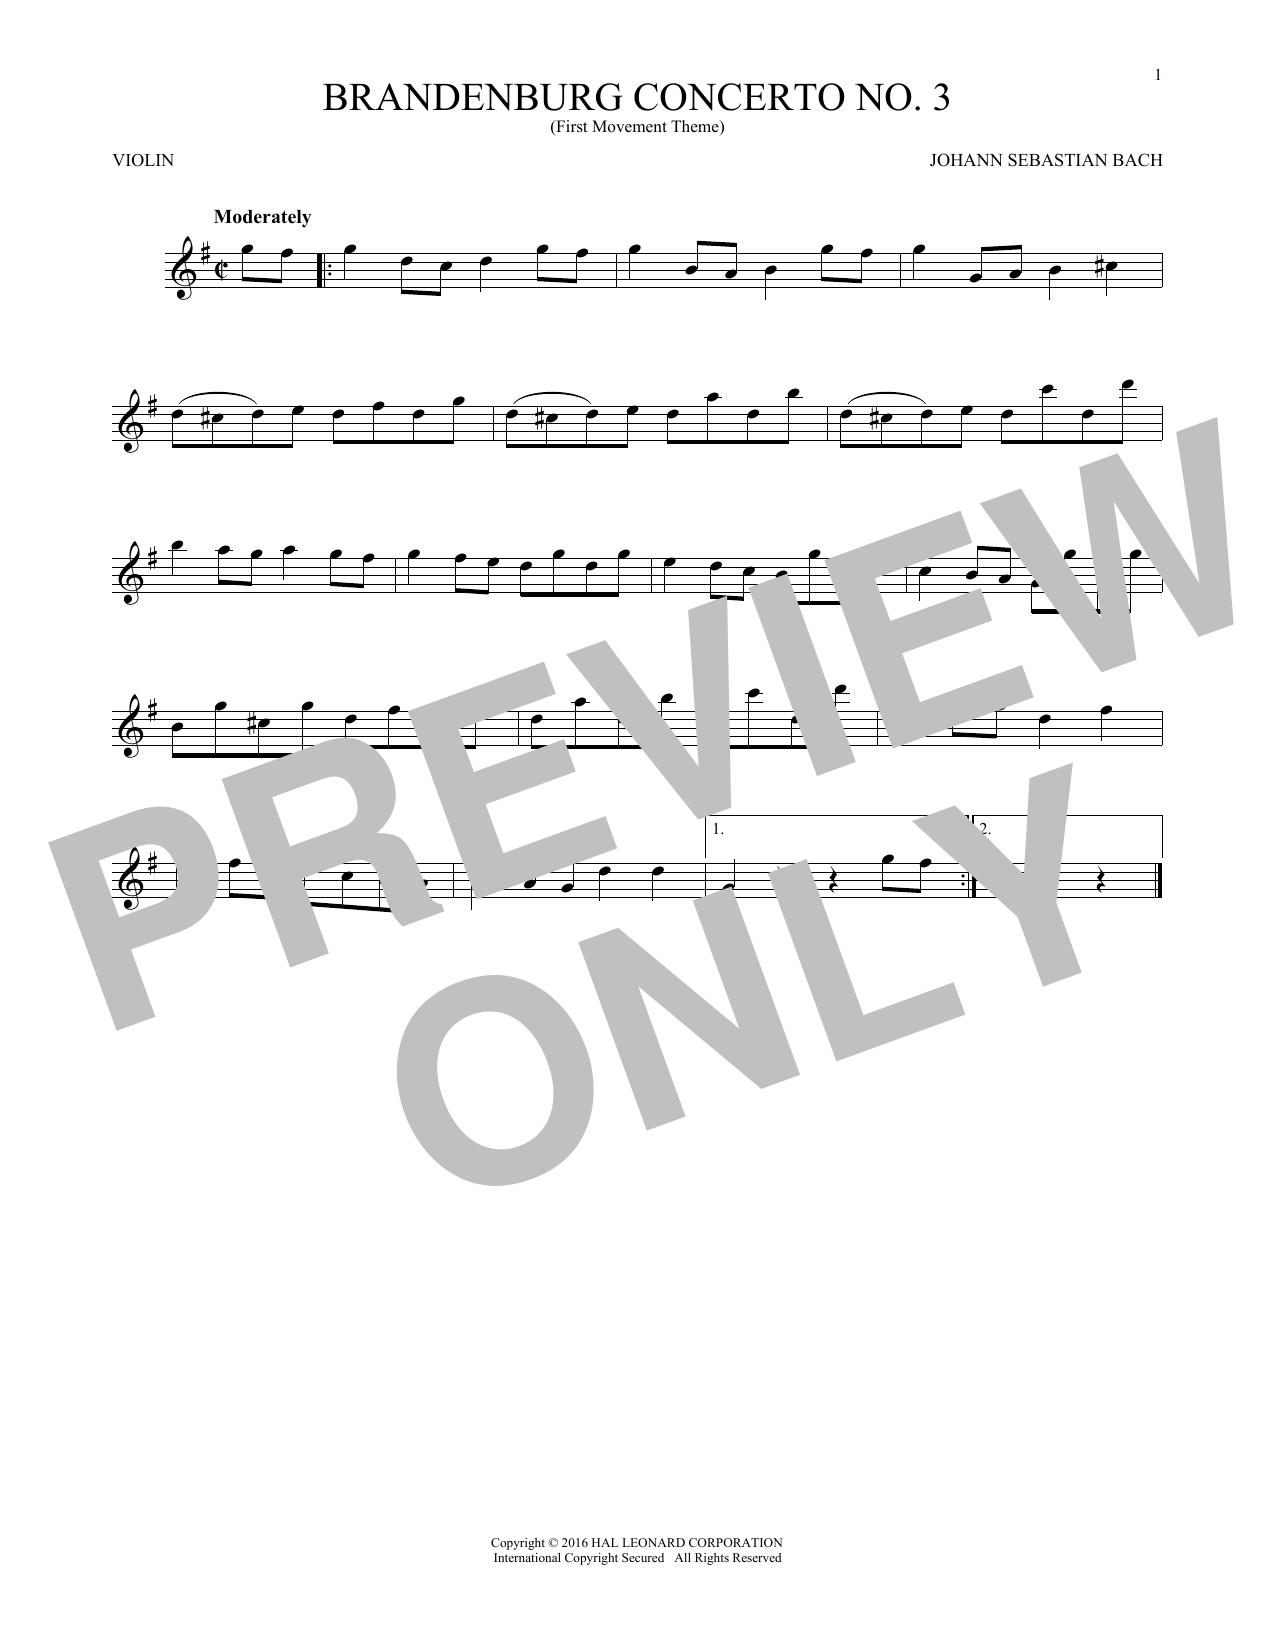 Brandenburg Concerto No. 3 (Violin Solo)